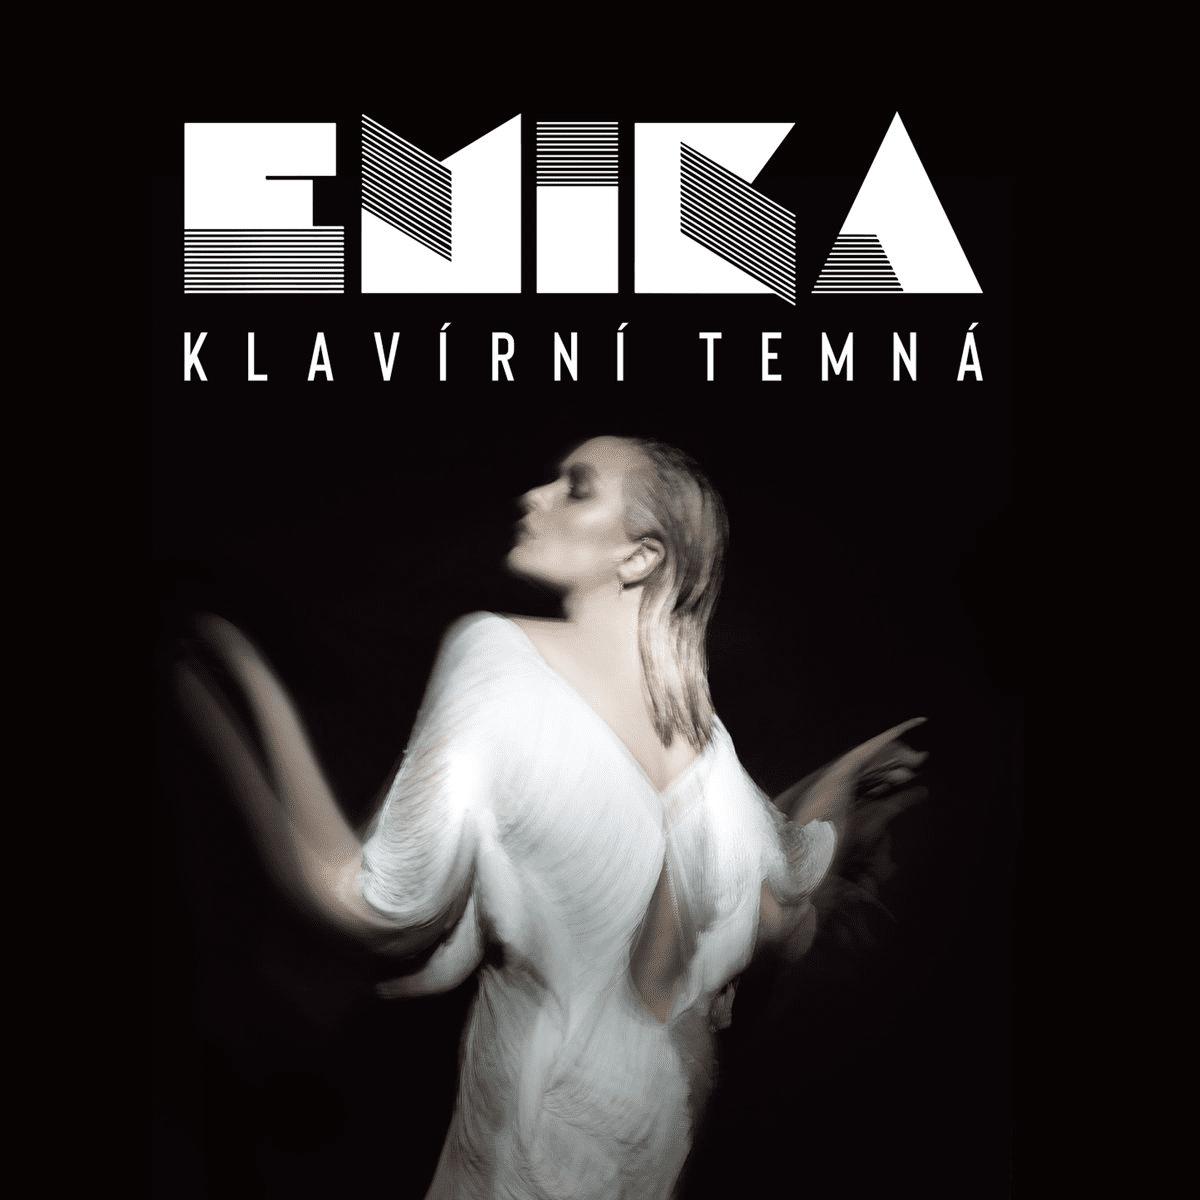 Emika выпустит новый альбом на день влюбленных